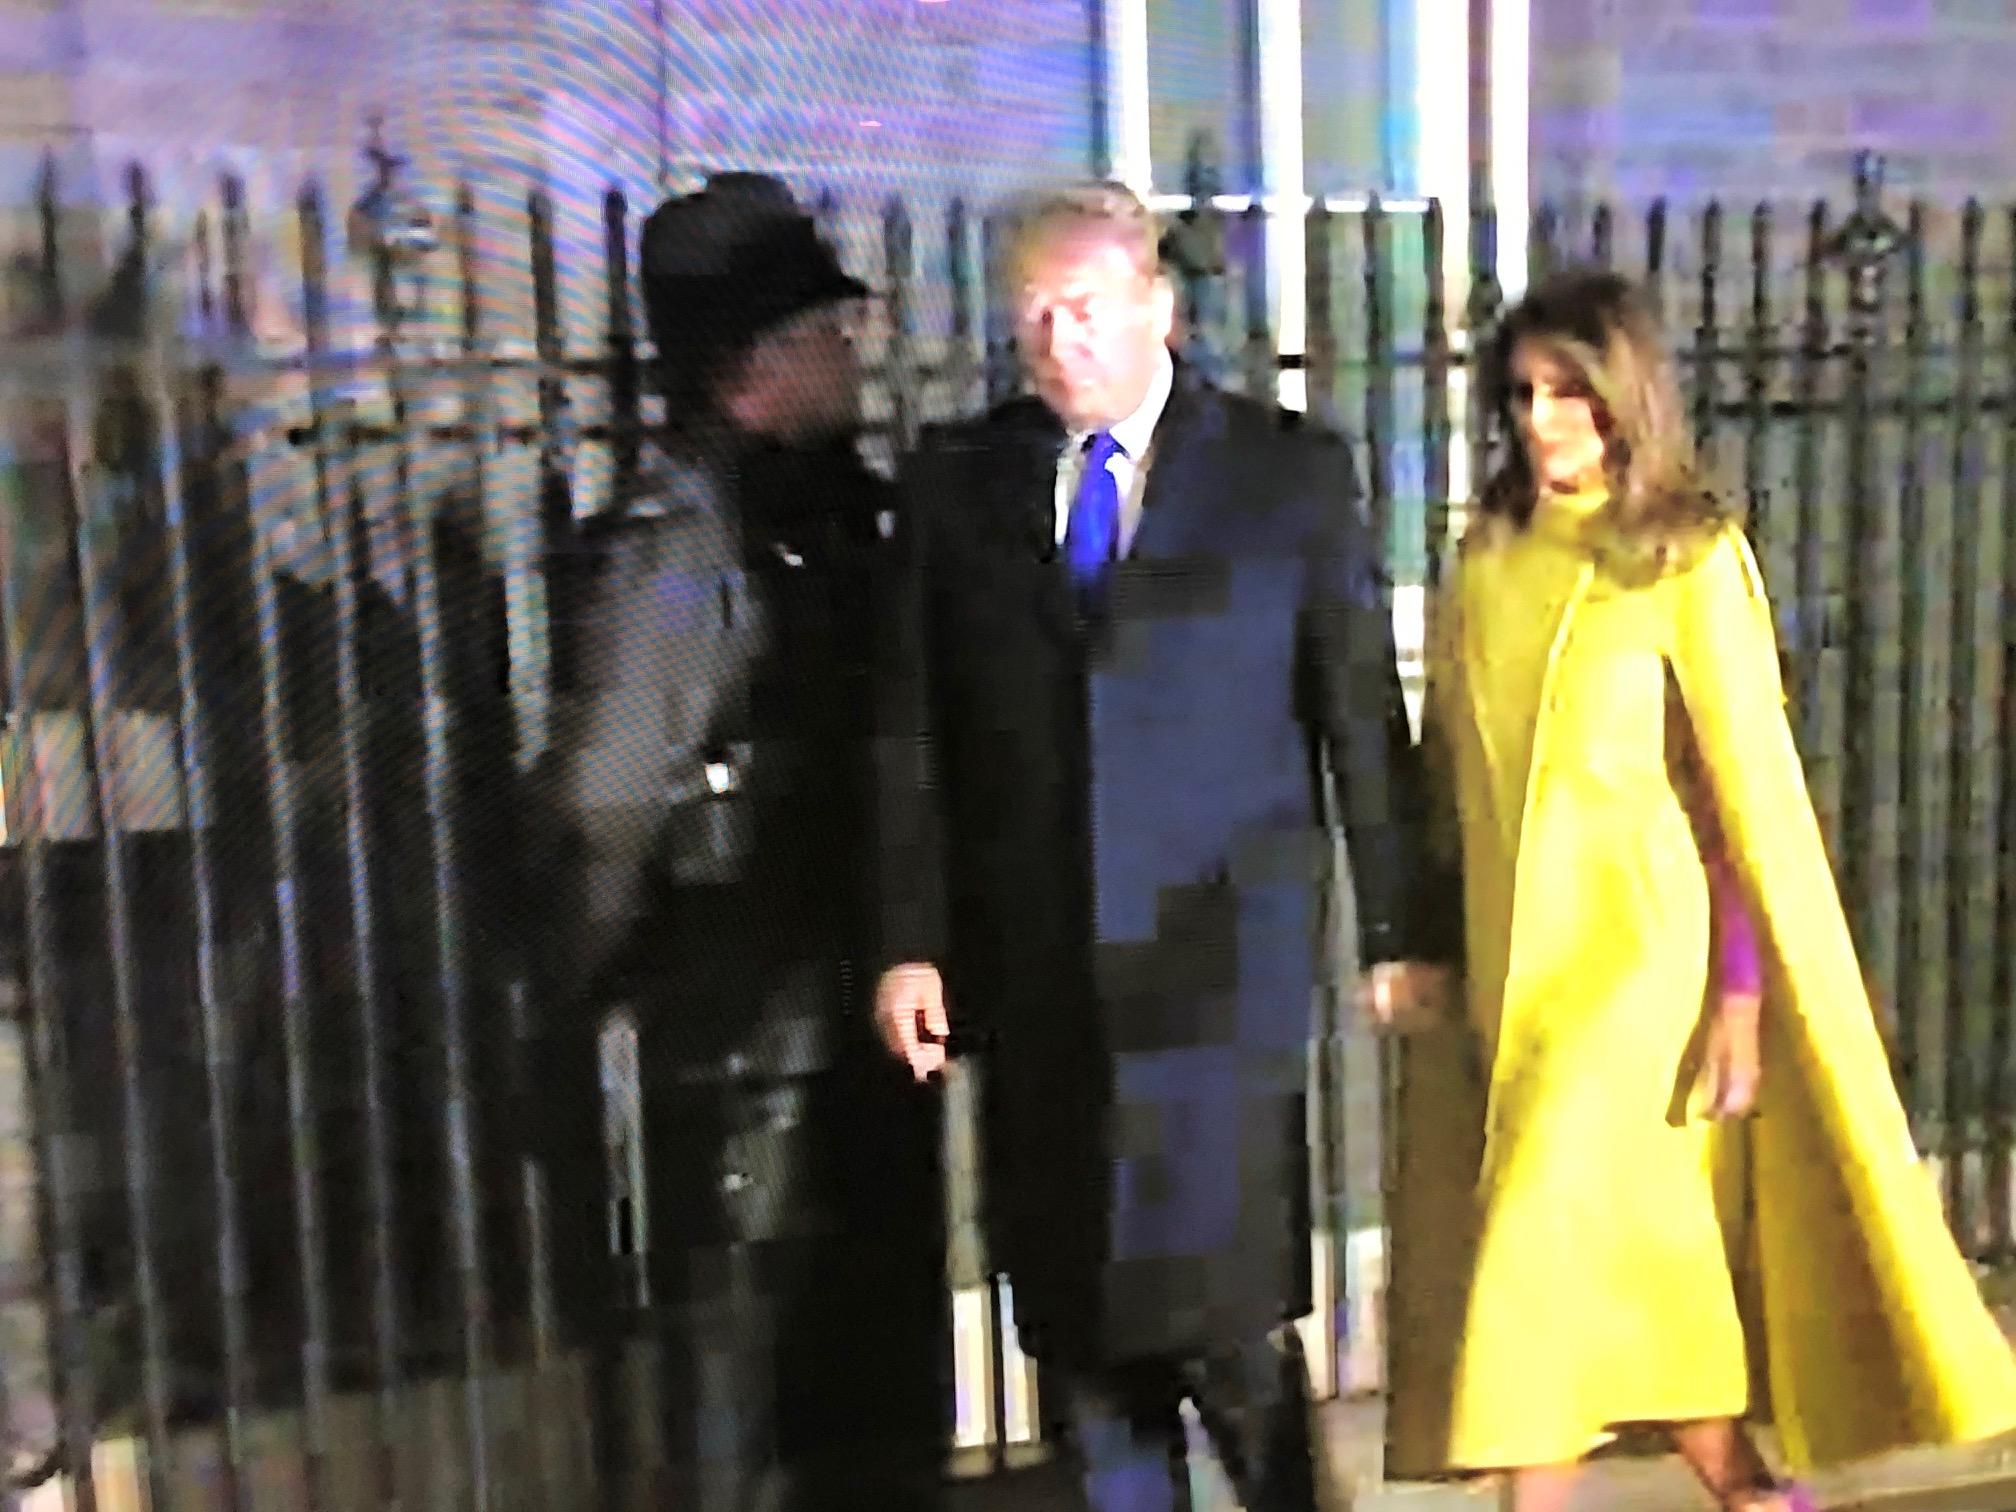 Donald Trump at Downing Street